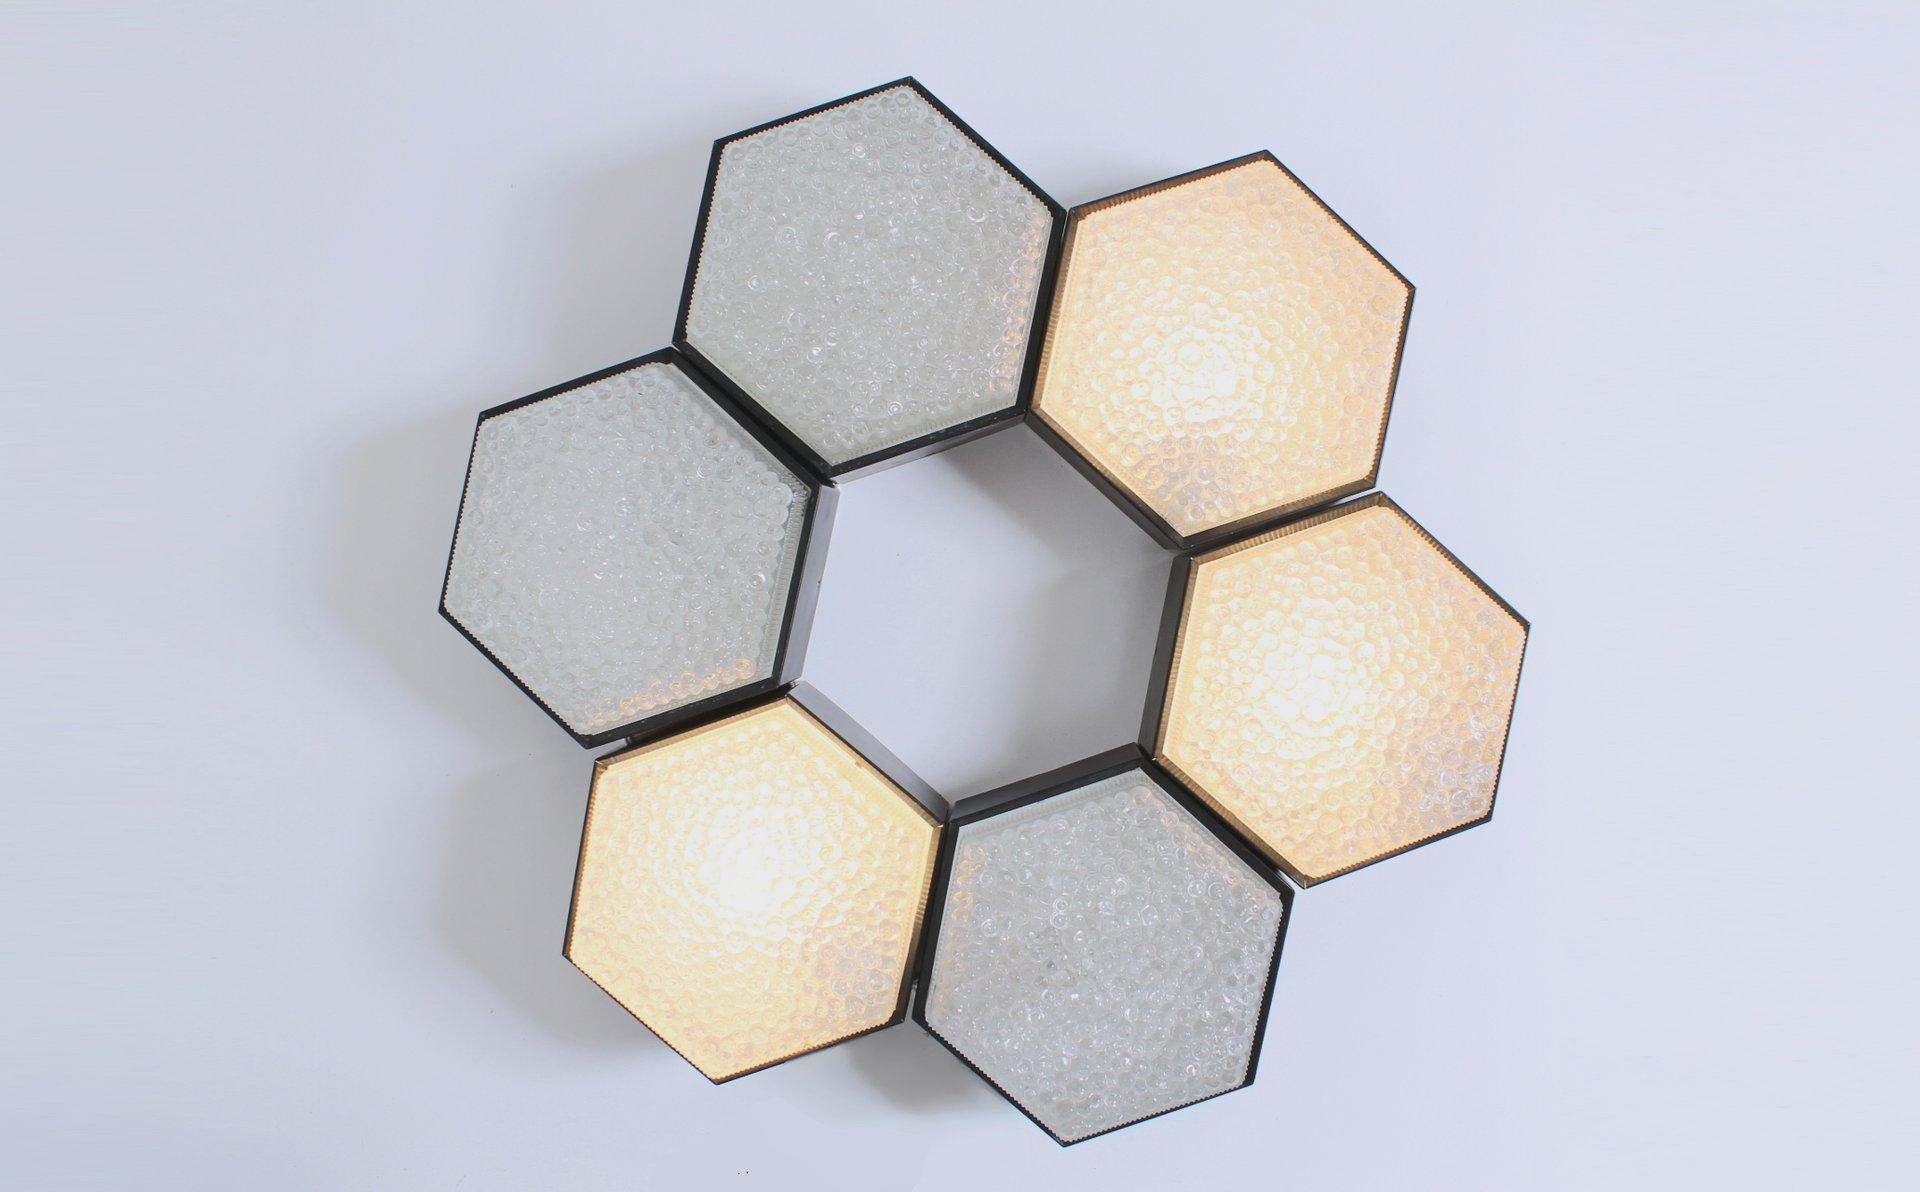 Sechseckige metall glas lampen mit schwarzem rand von for Lampen niederlande